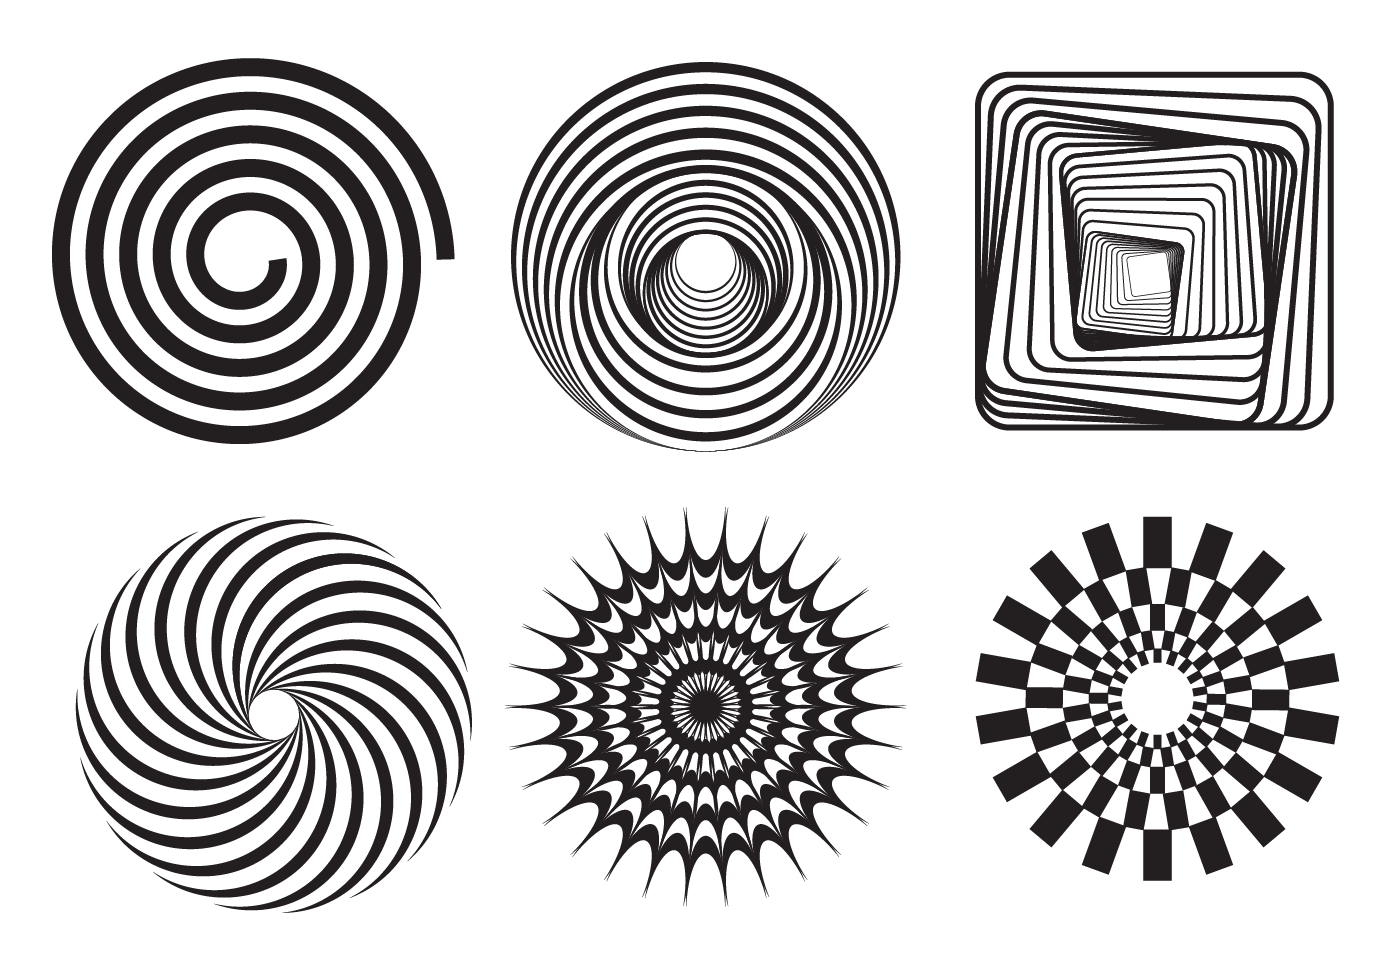 Vertigo Graphic Vector - Download Free Vector Art, Stock ...